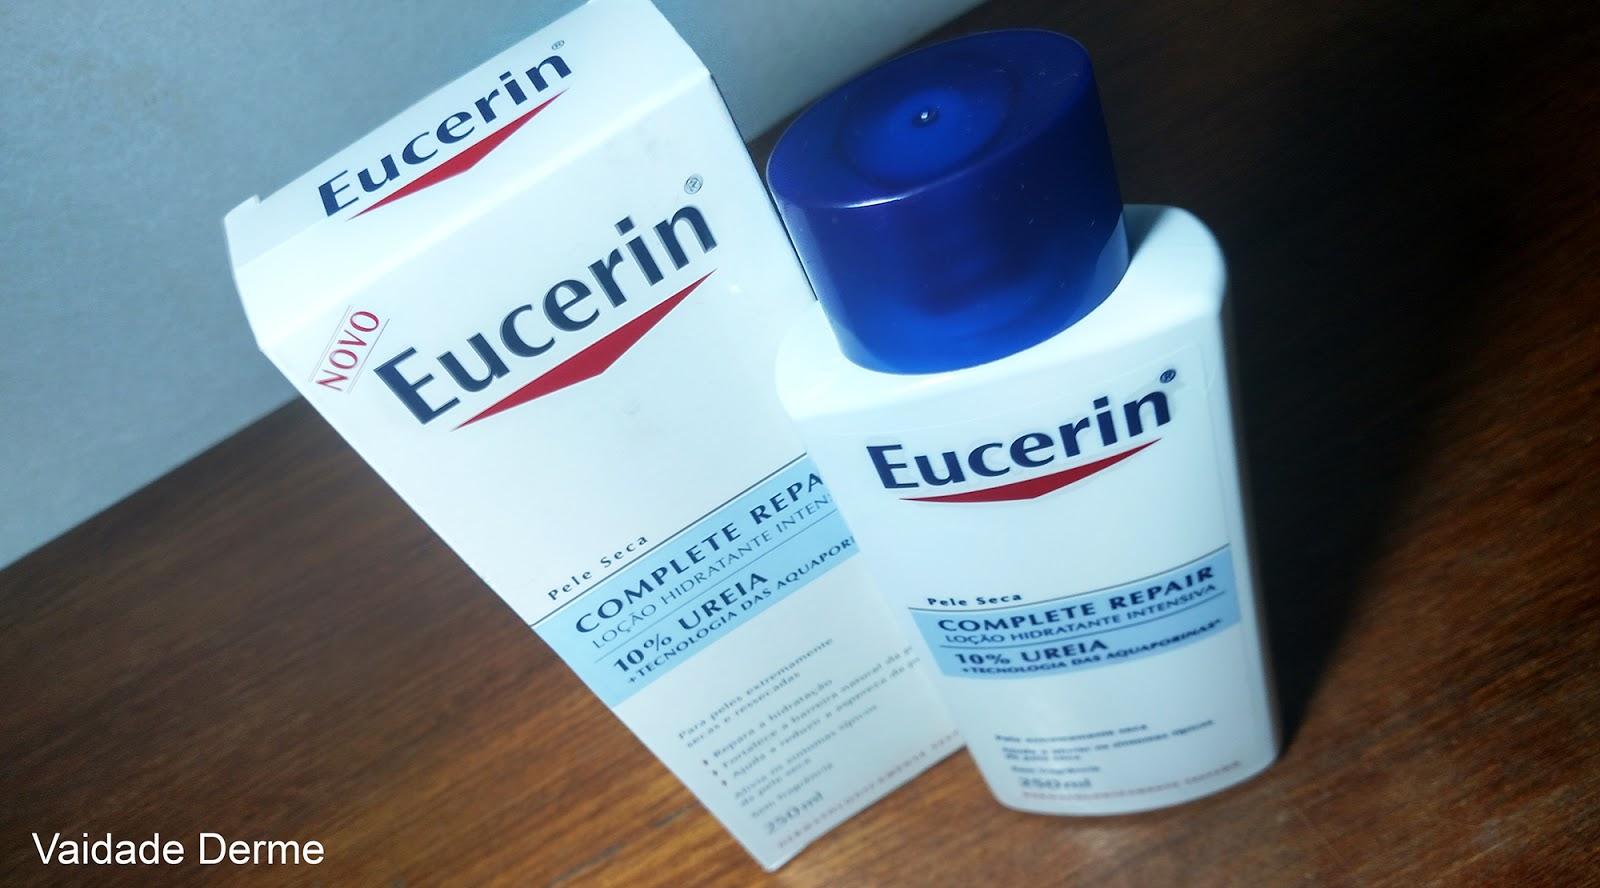 Eucerin Complete Repair 10% Uréia